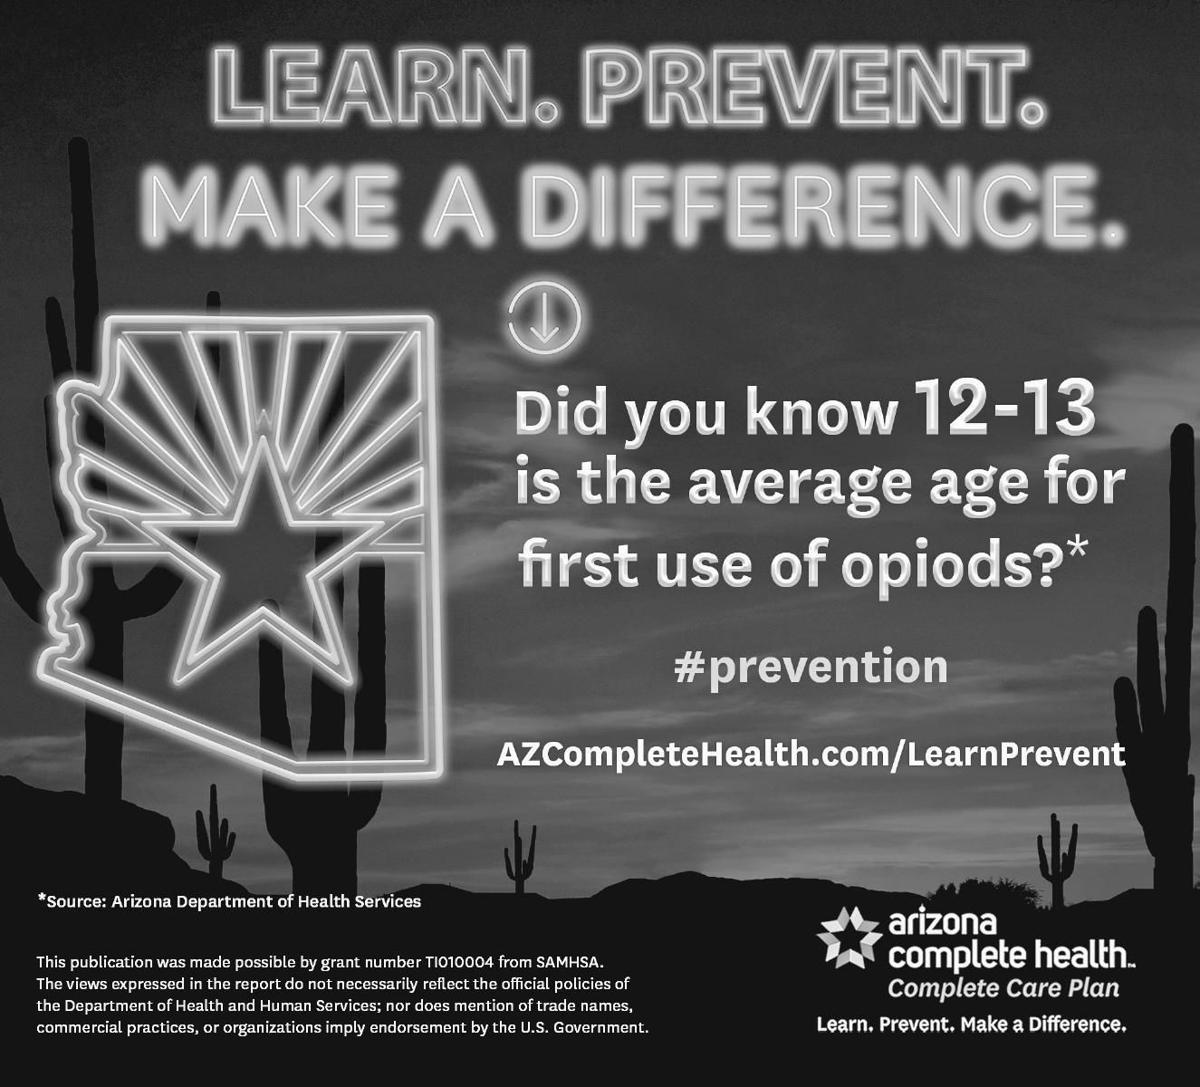 Arizona Complete Health